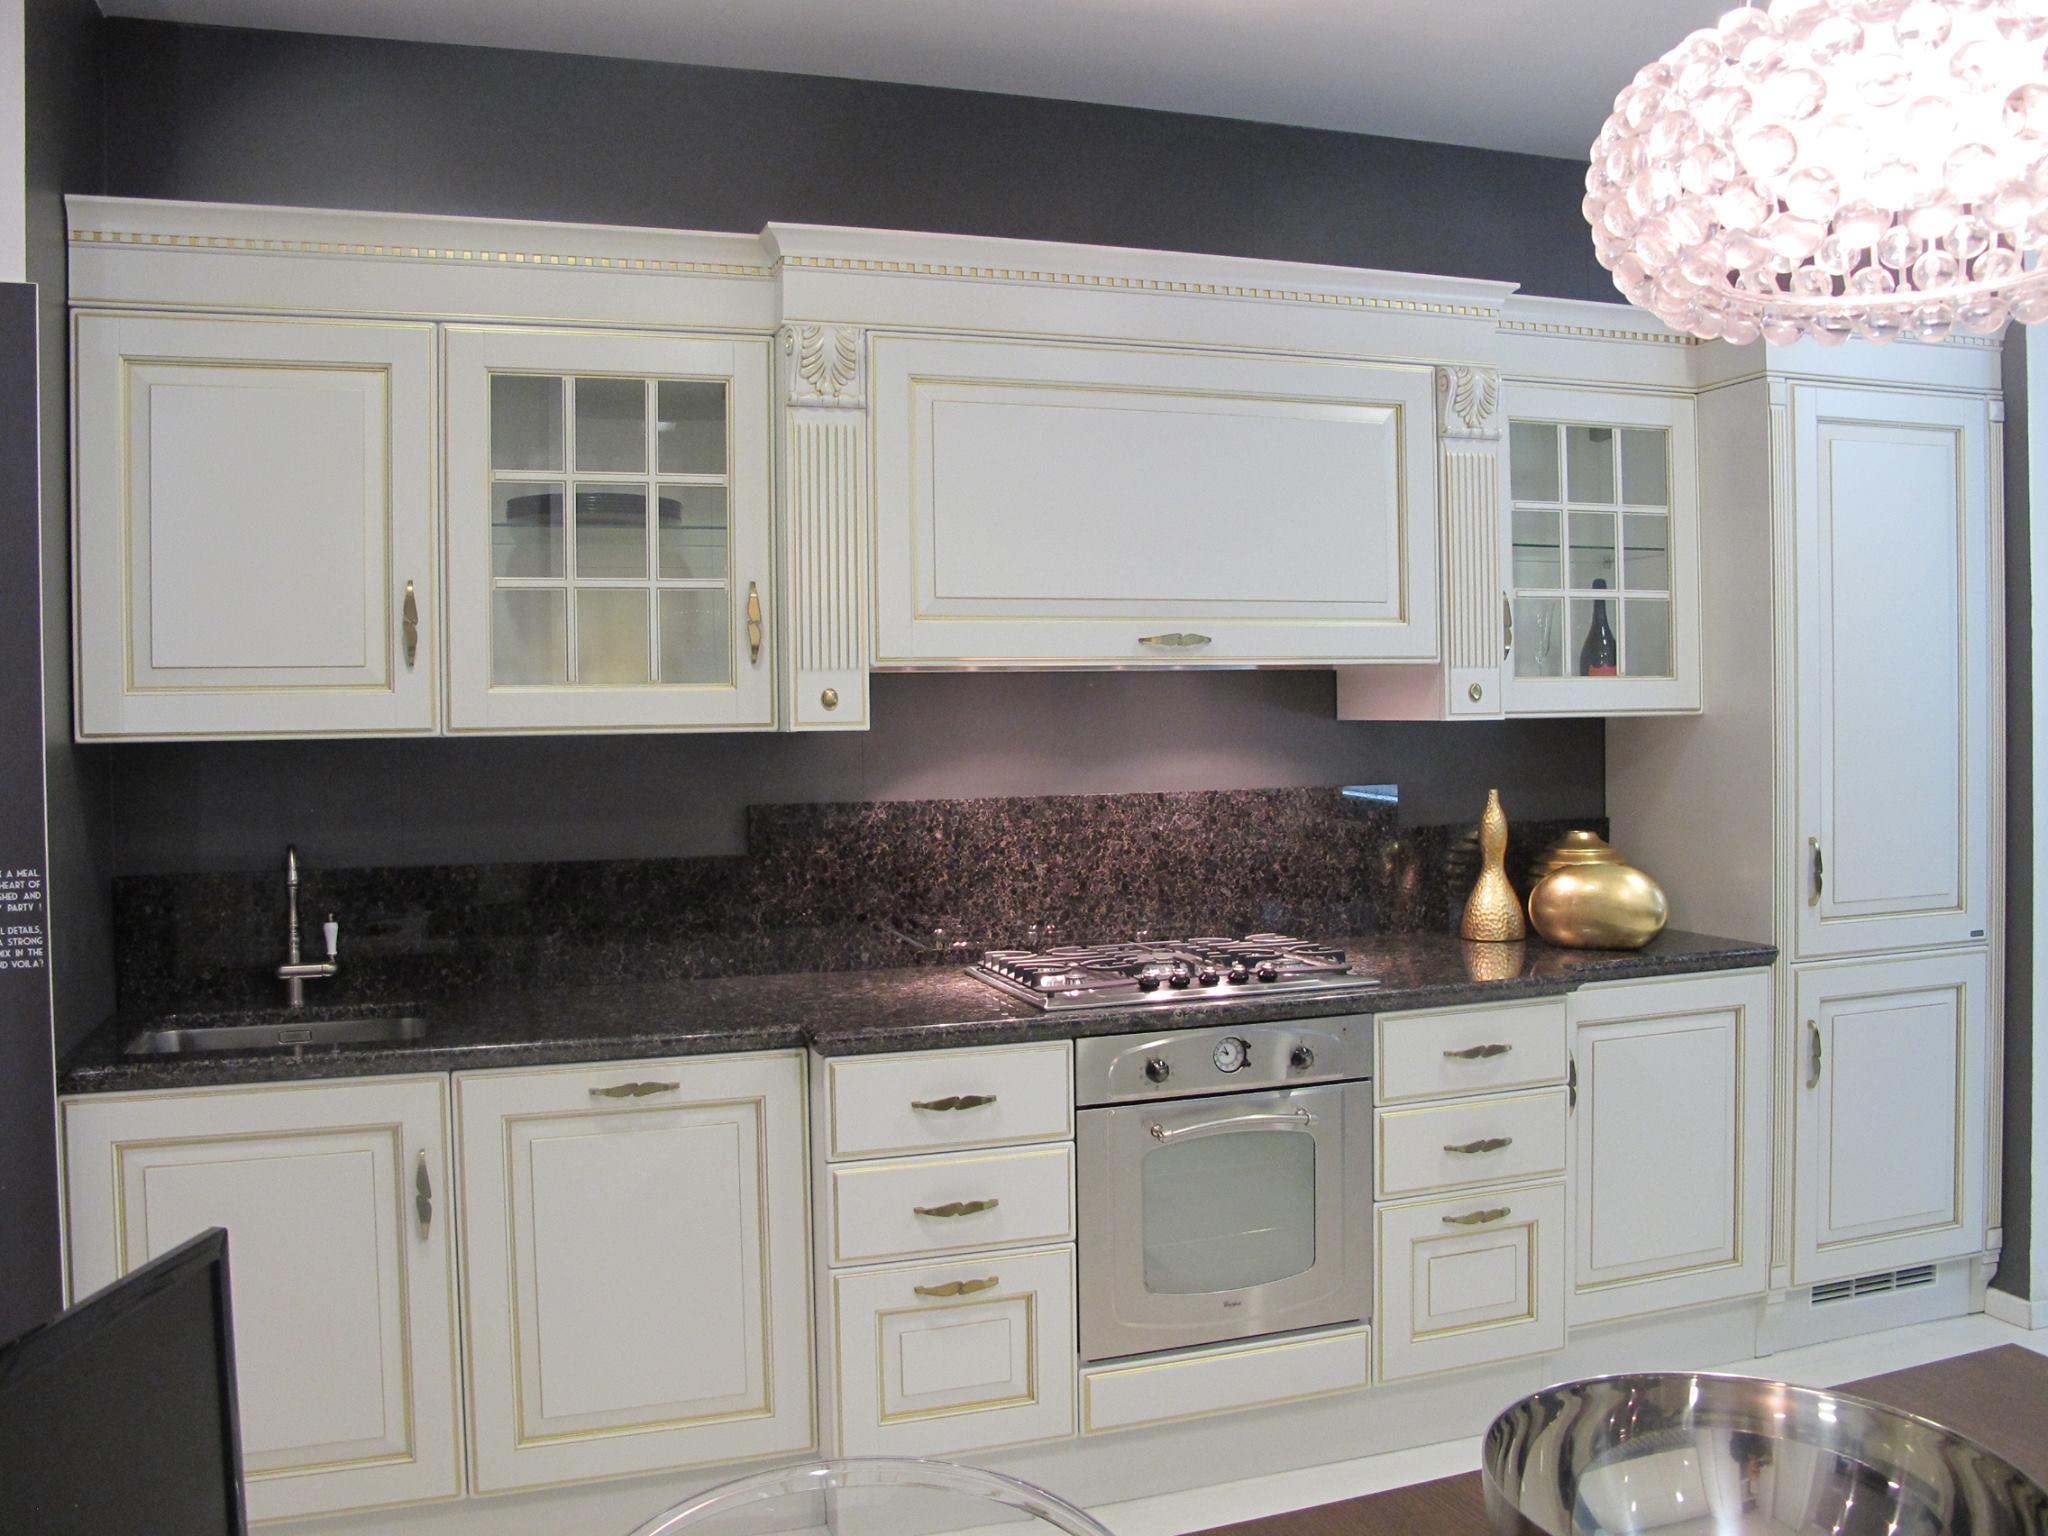 Cucina scavolini baltimora classiche laccate opaco bianca for Cucina baltimora scavolini